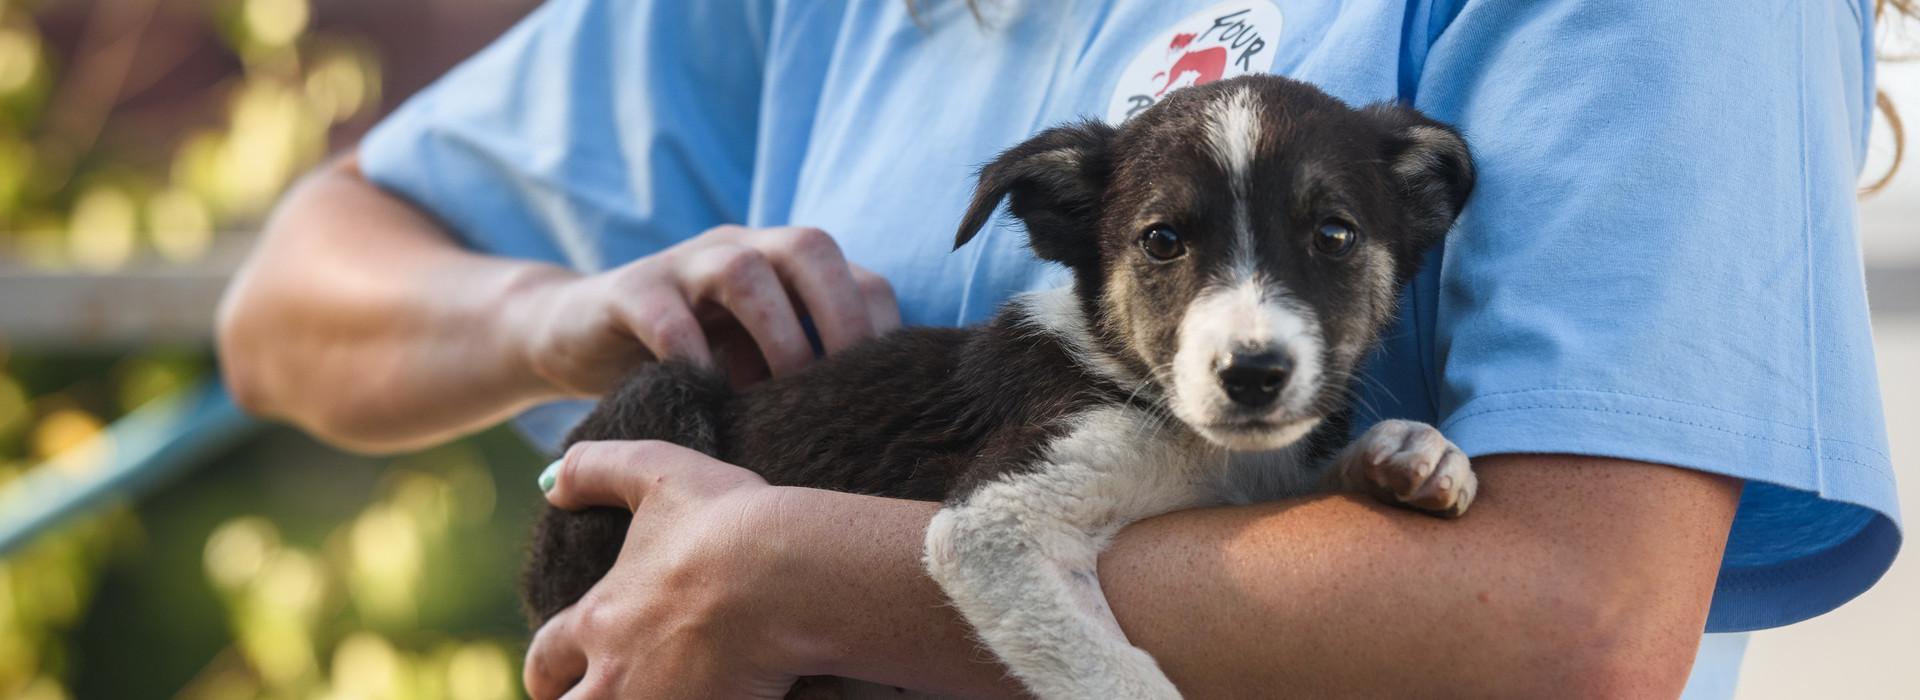 VIER PFOTEN hilft Tieren in Not